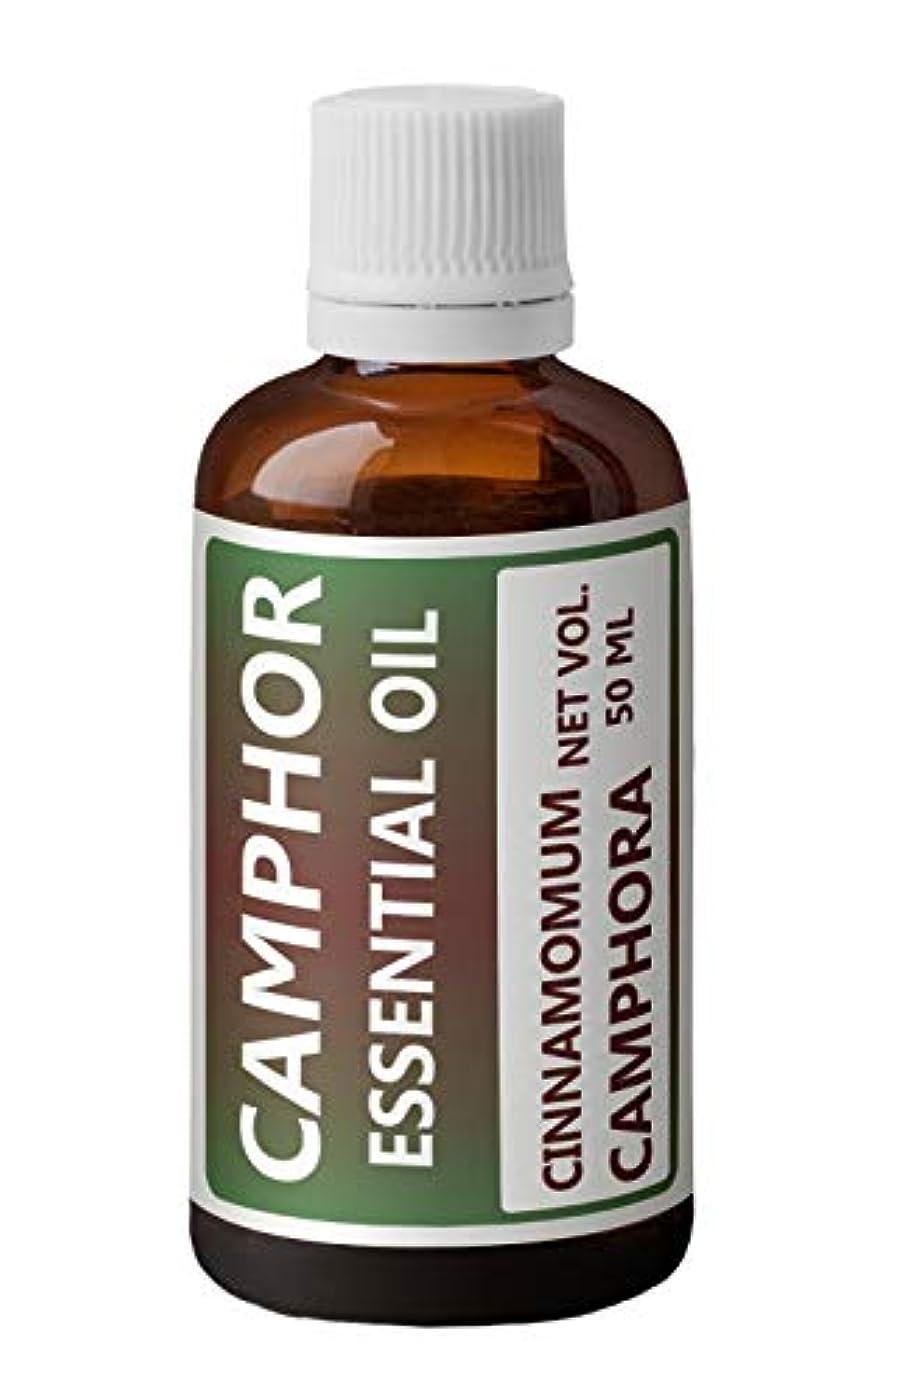 検出するトランペットロボットHeilen Biopharm樟脳精油(Cinnamomum camphora)(15 ml) (050ミリリットル)